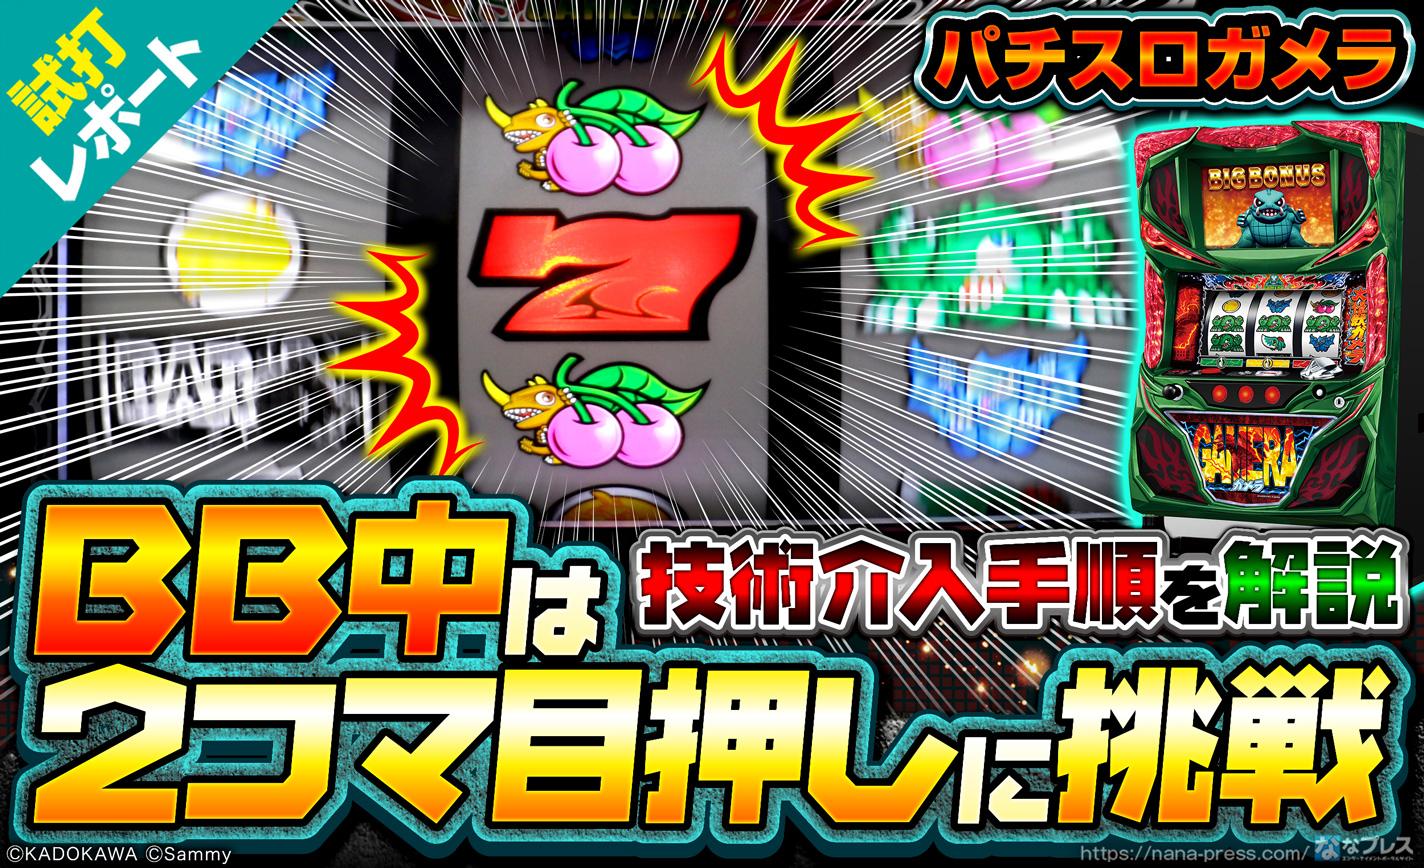 【パチスロガメラ 試打#3】BB中の技術介入は2コマ目押しでOK!ボーナス中の打ち方や注目ポイントを解説! eyecatch-image